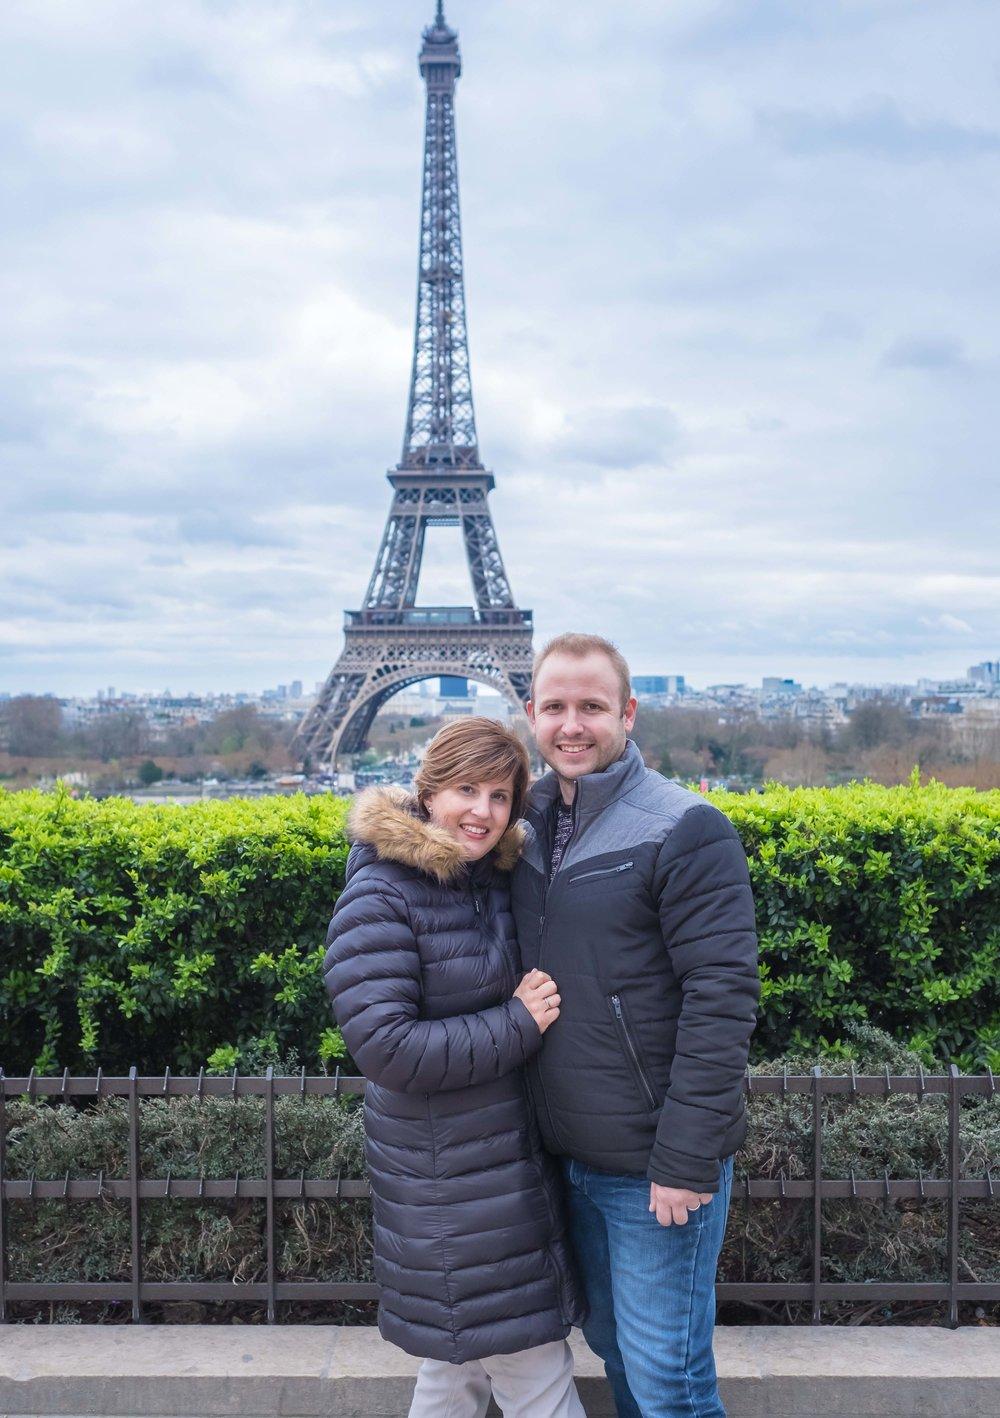 anniversary photo shoot in paris